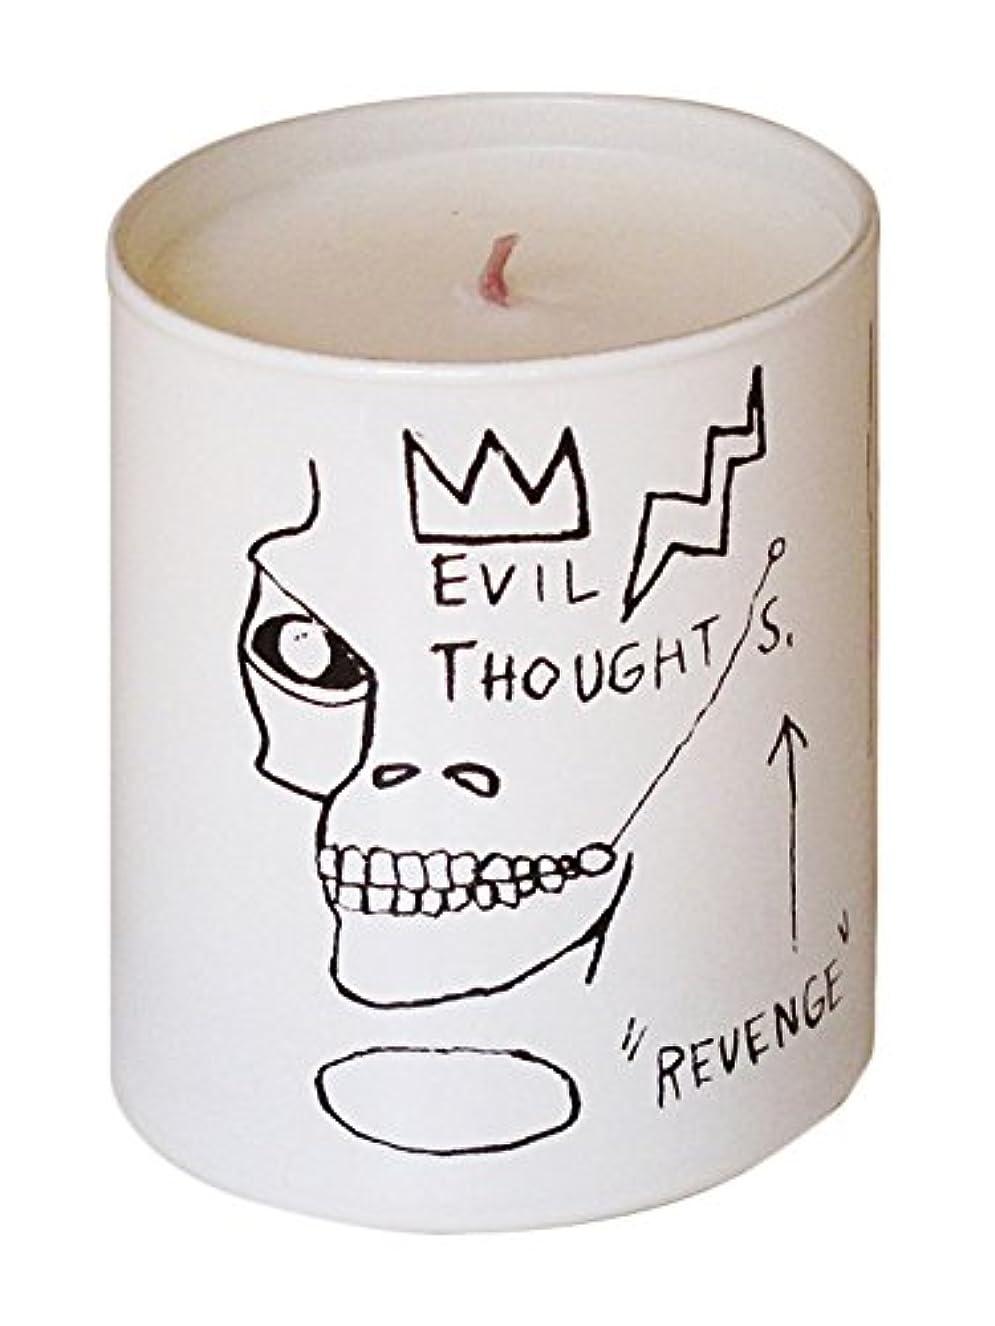 石灰岩ビバフリンジジャン ミシェル バスキア リベンジ キャンドル(Jean-Michael Basquiat Perfumed Candle